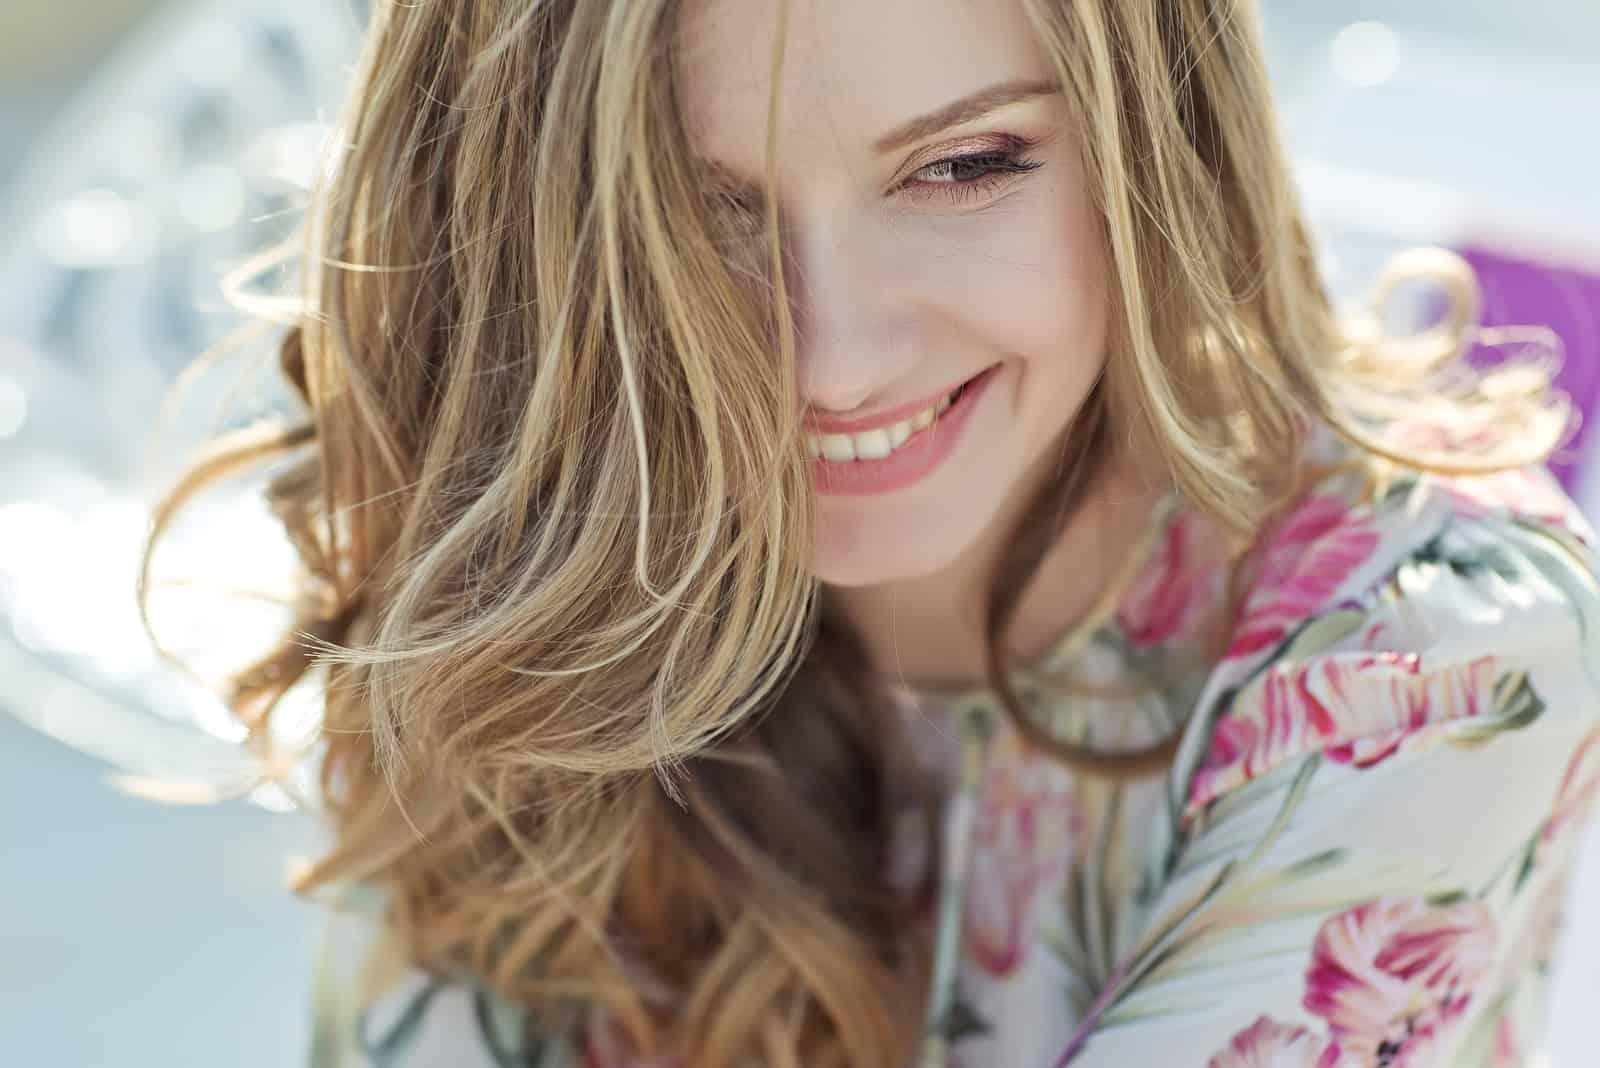 Frau mit langen blonden Haaren lächelt